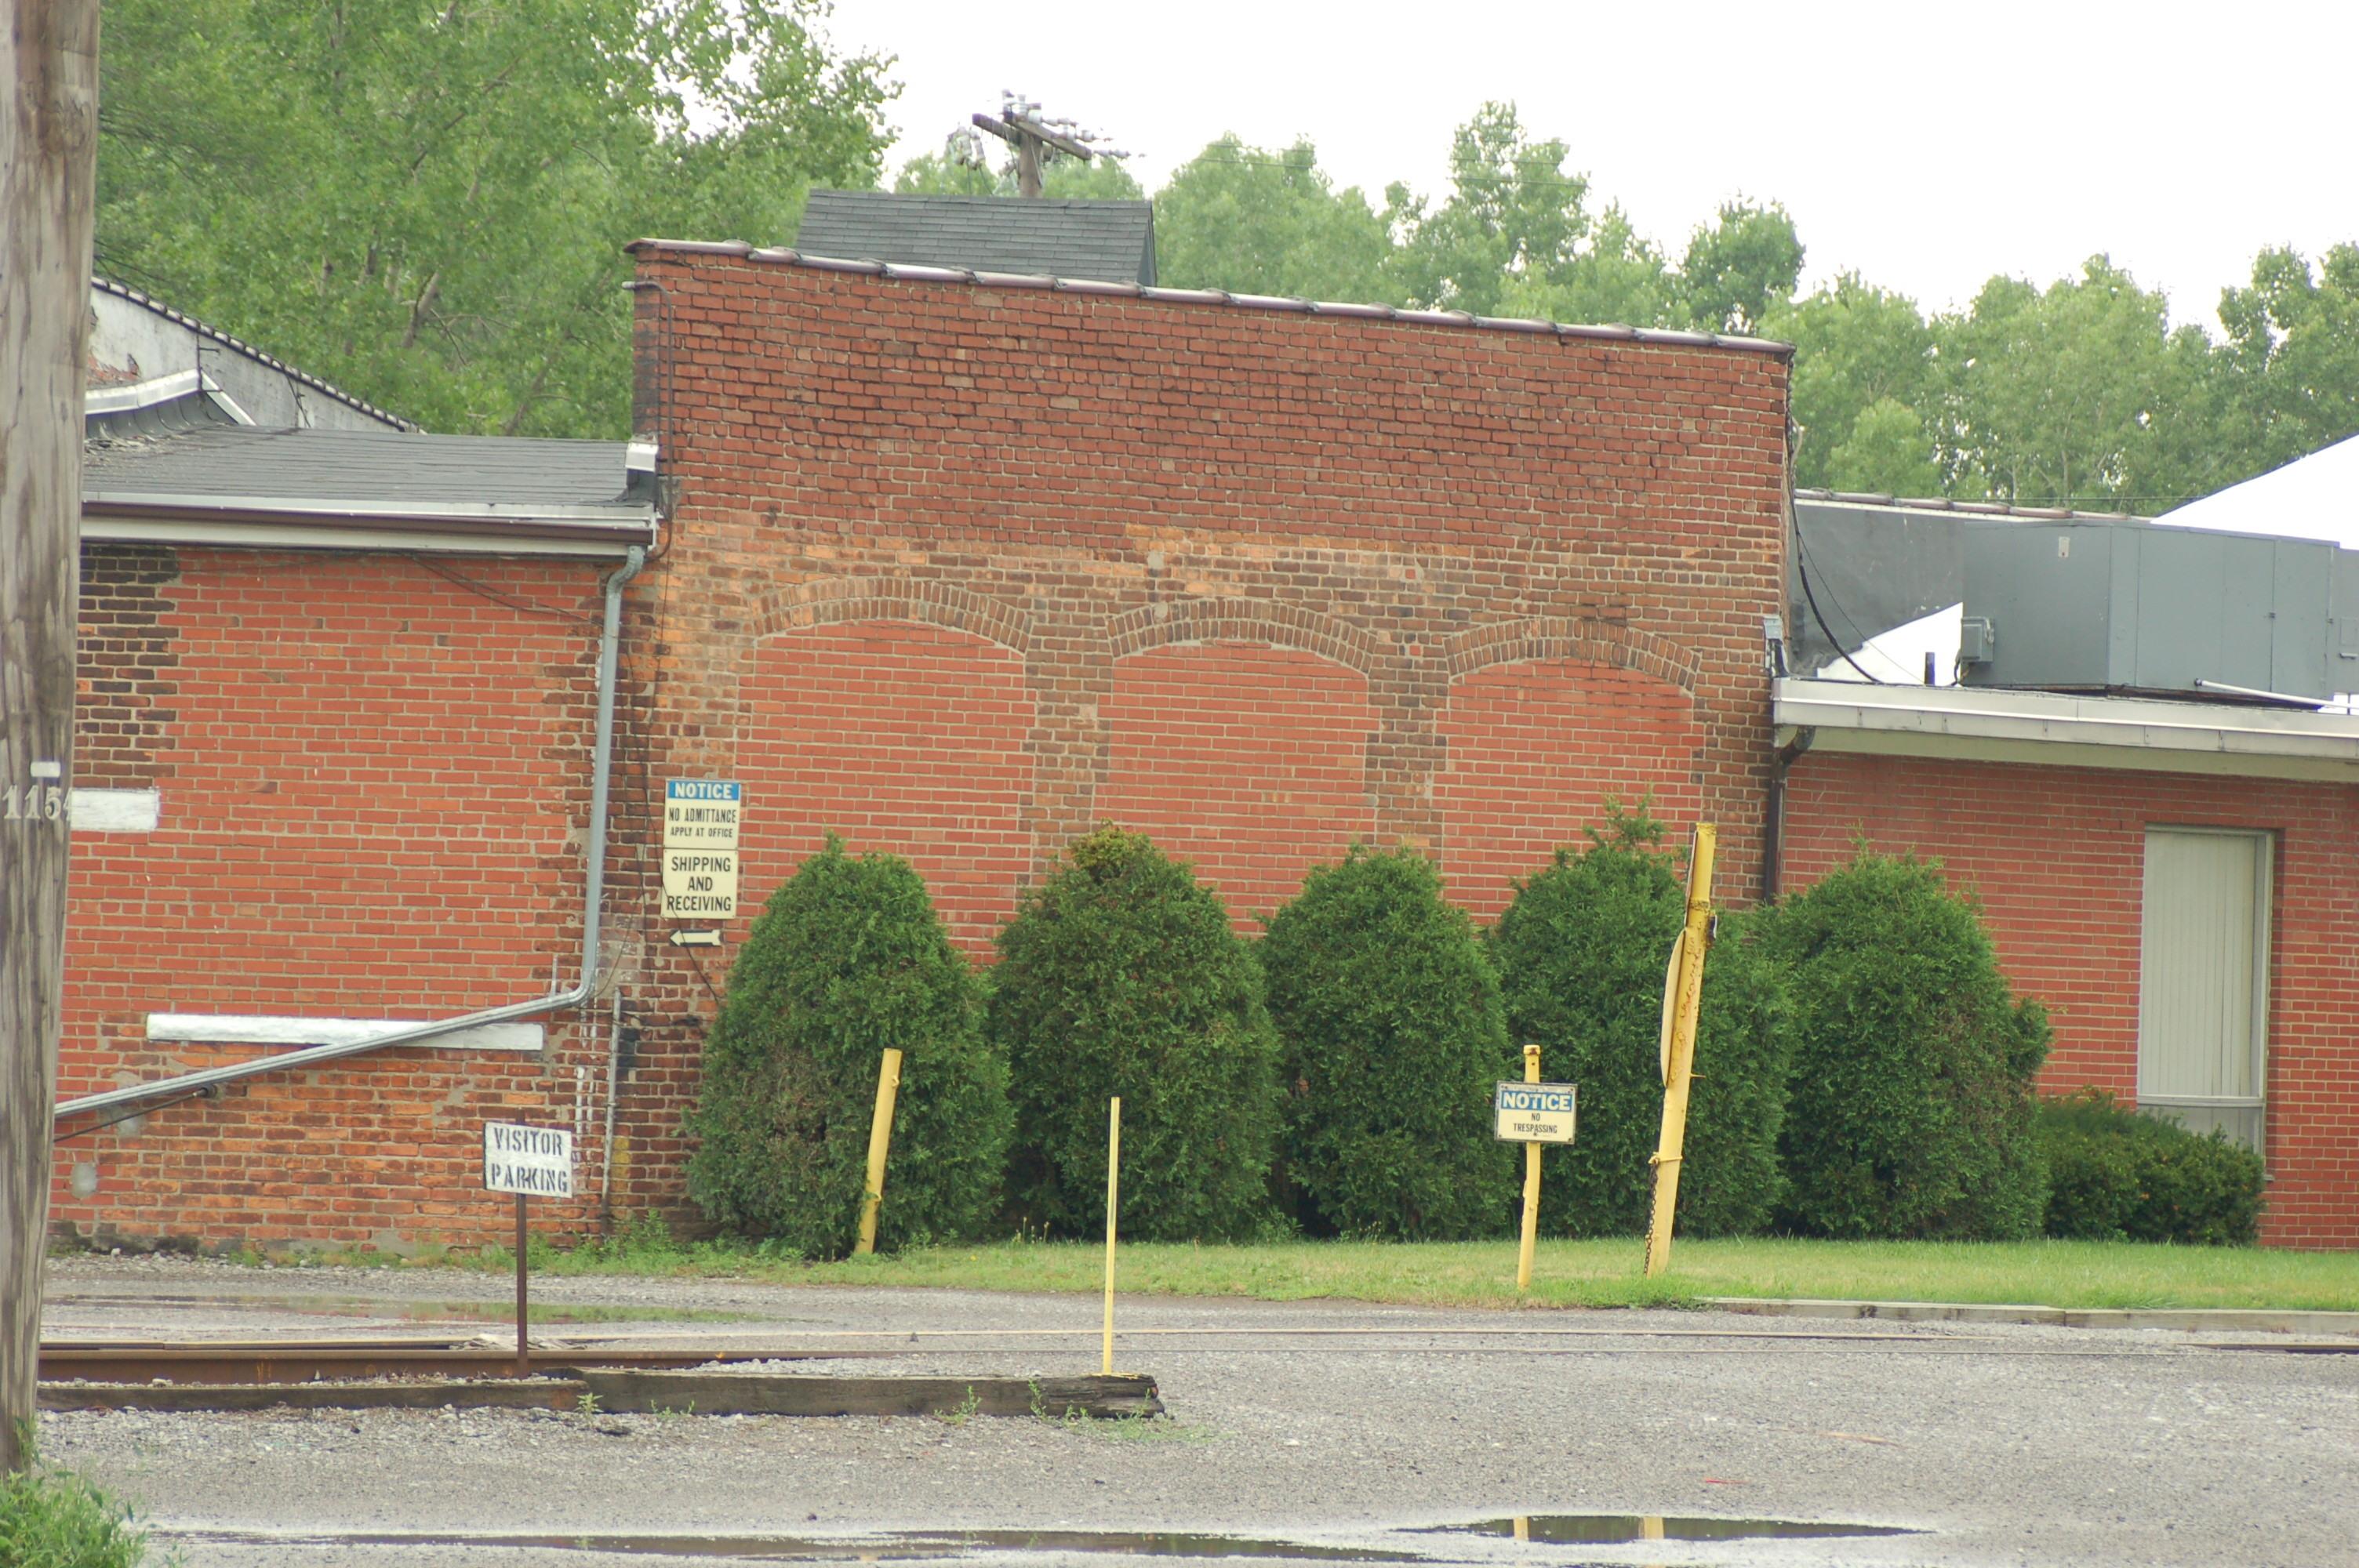 1174 Erie Ave, photo 8 (2008).jpg